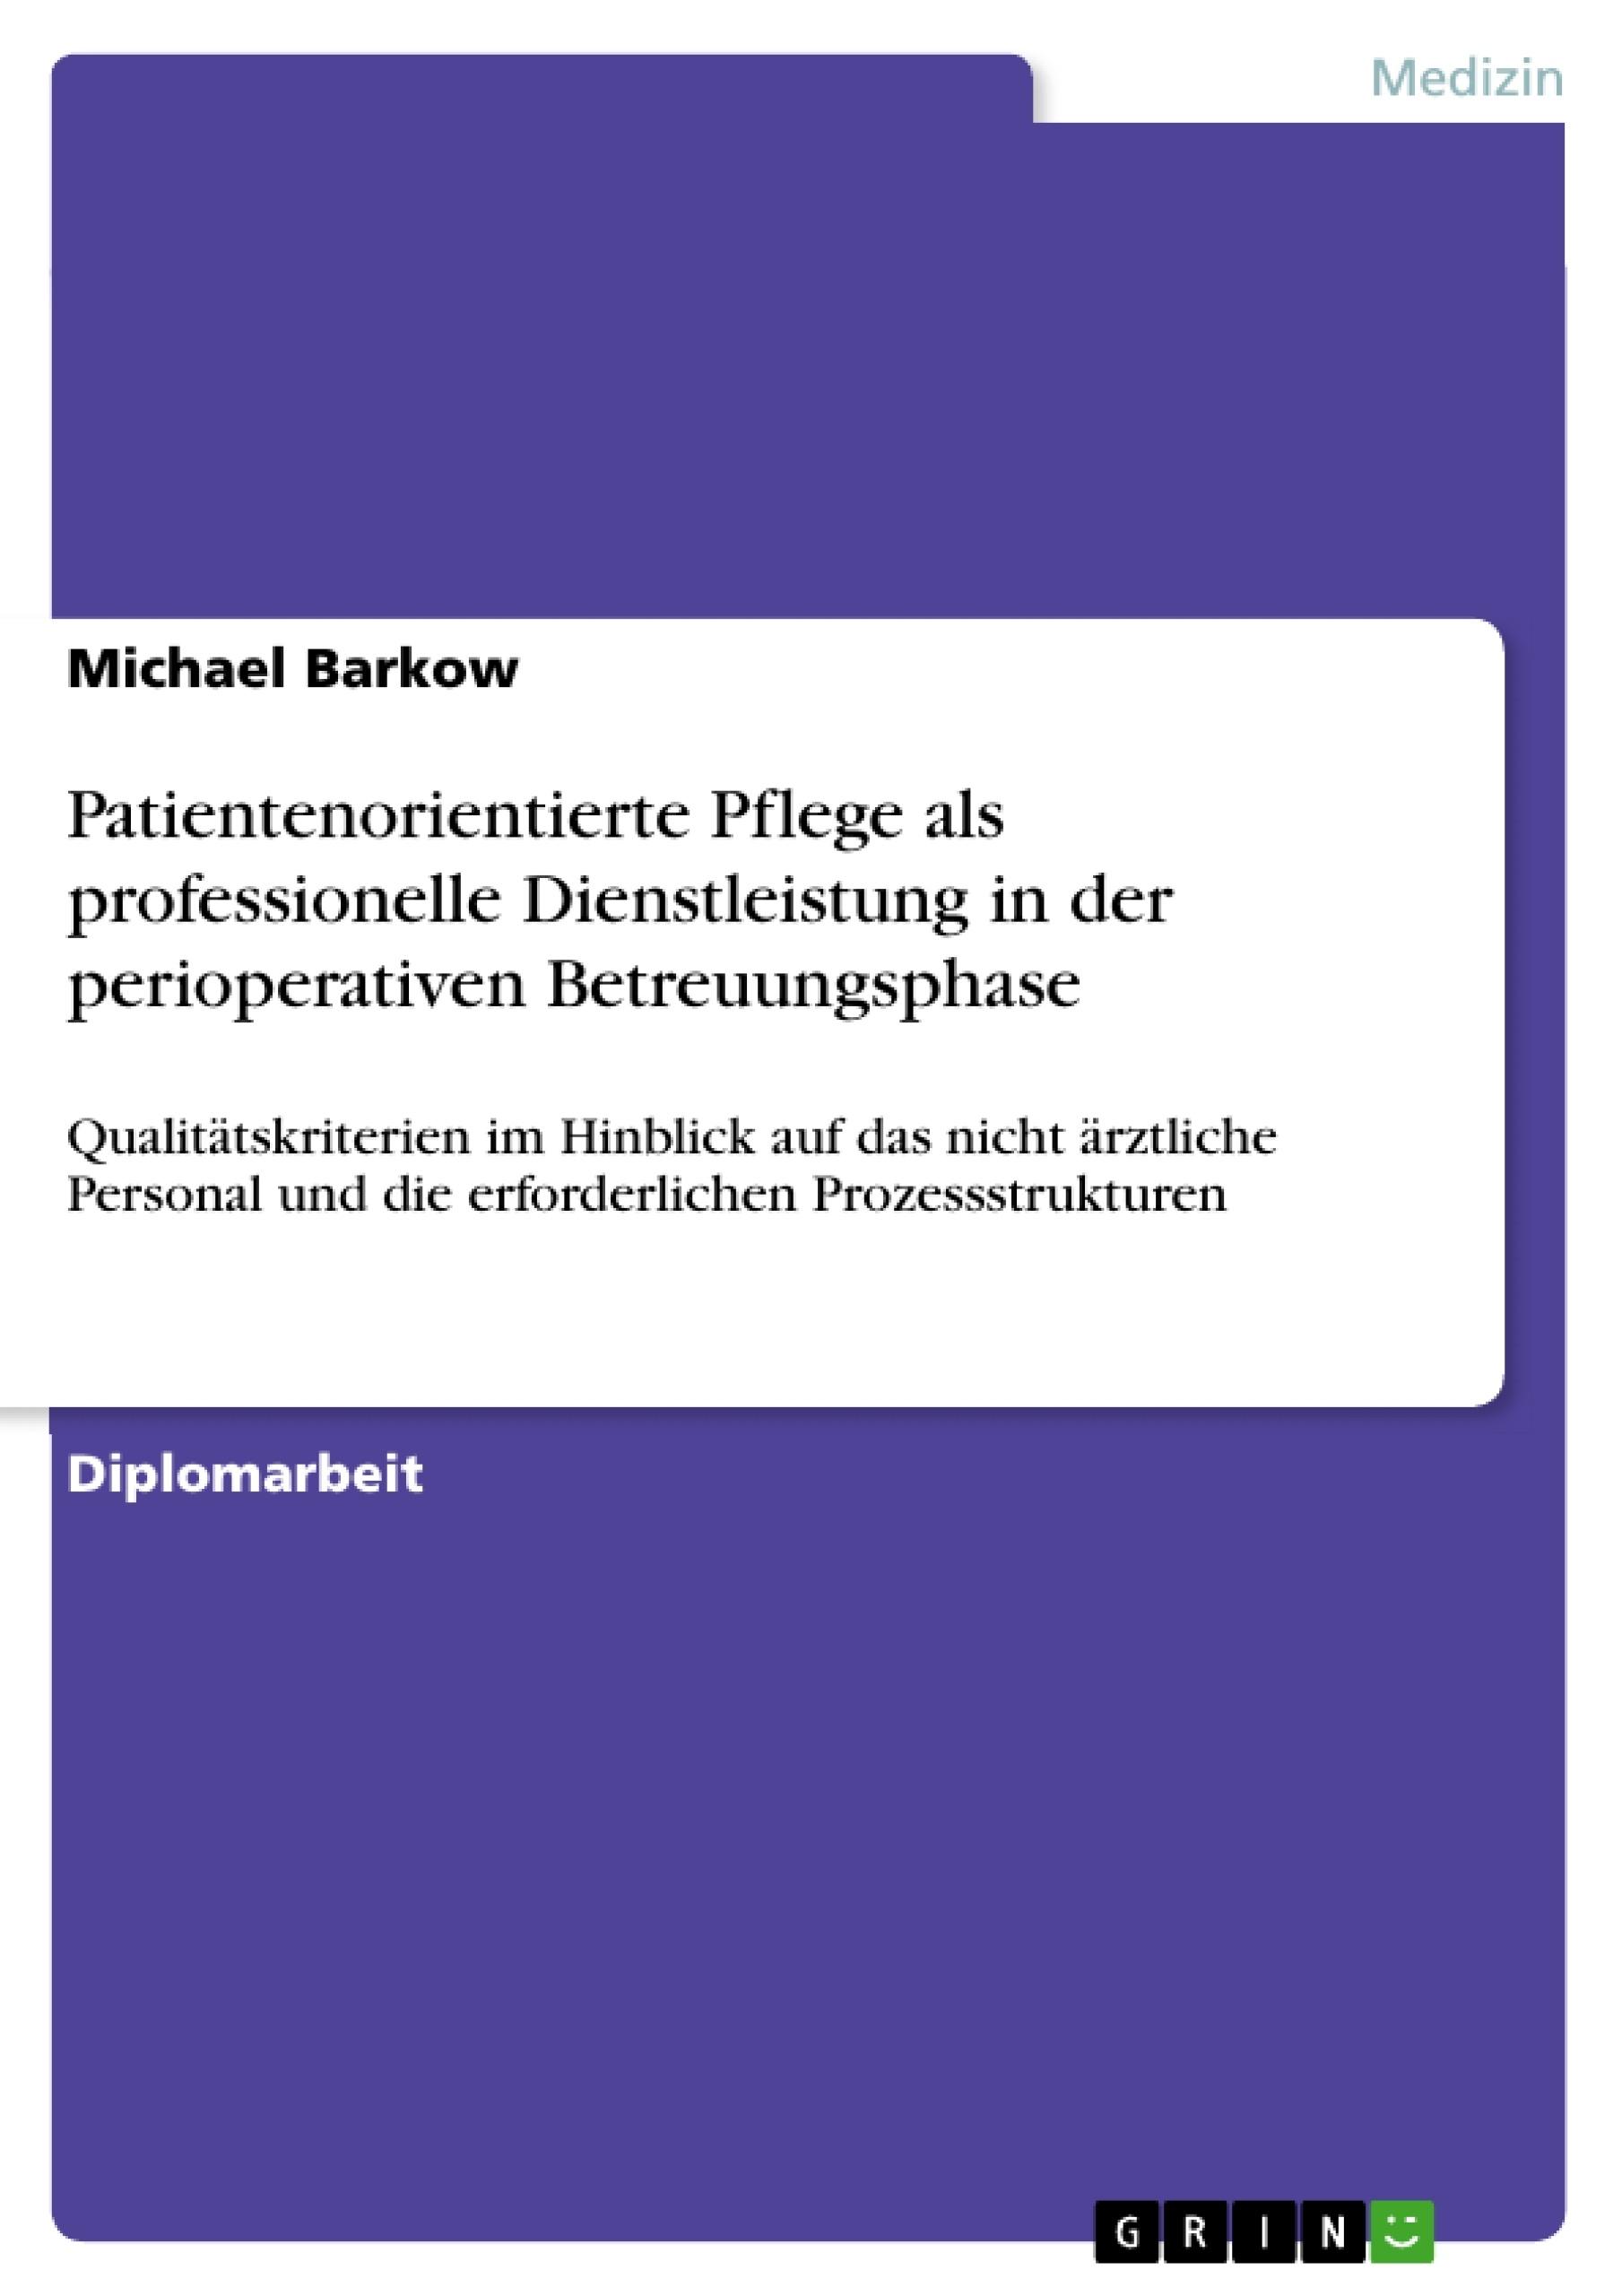 Titel: Patientenorientierte Pflege als professionelle Dienstleistung in der perioperativen Betreuungsphase